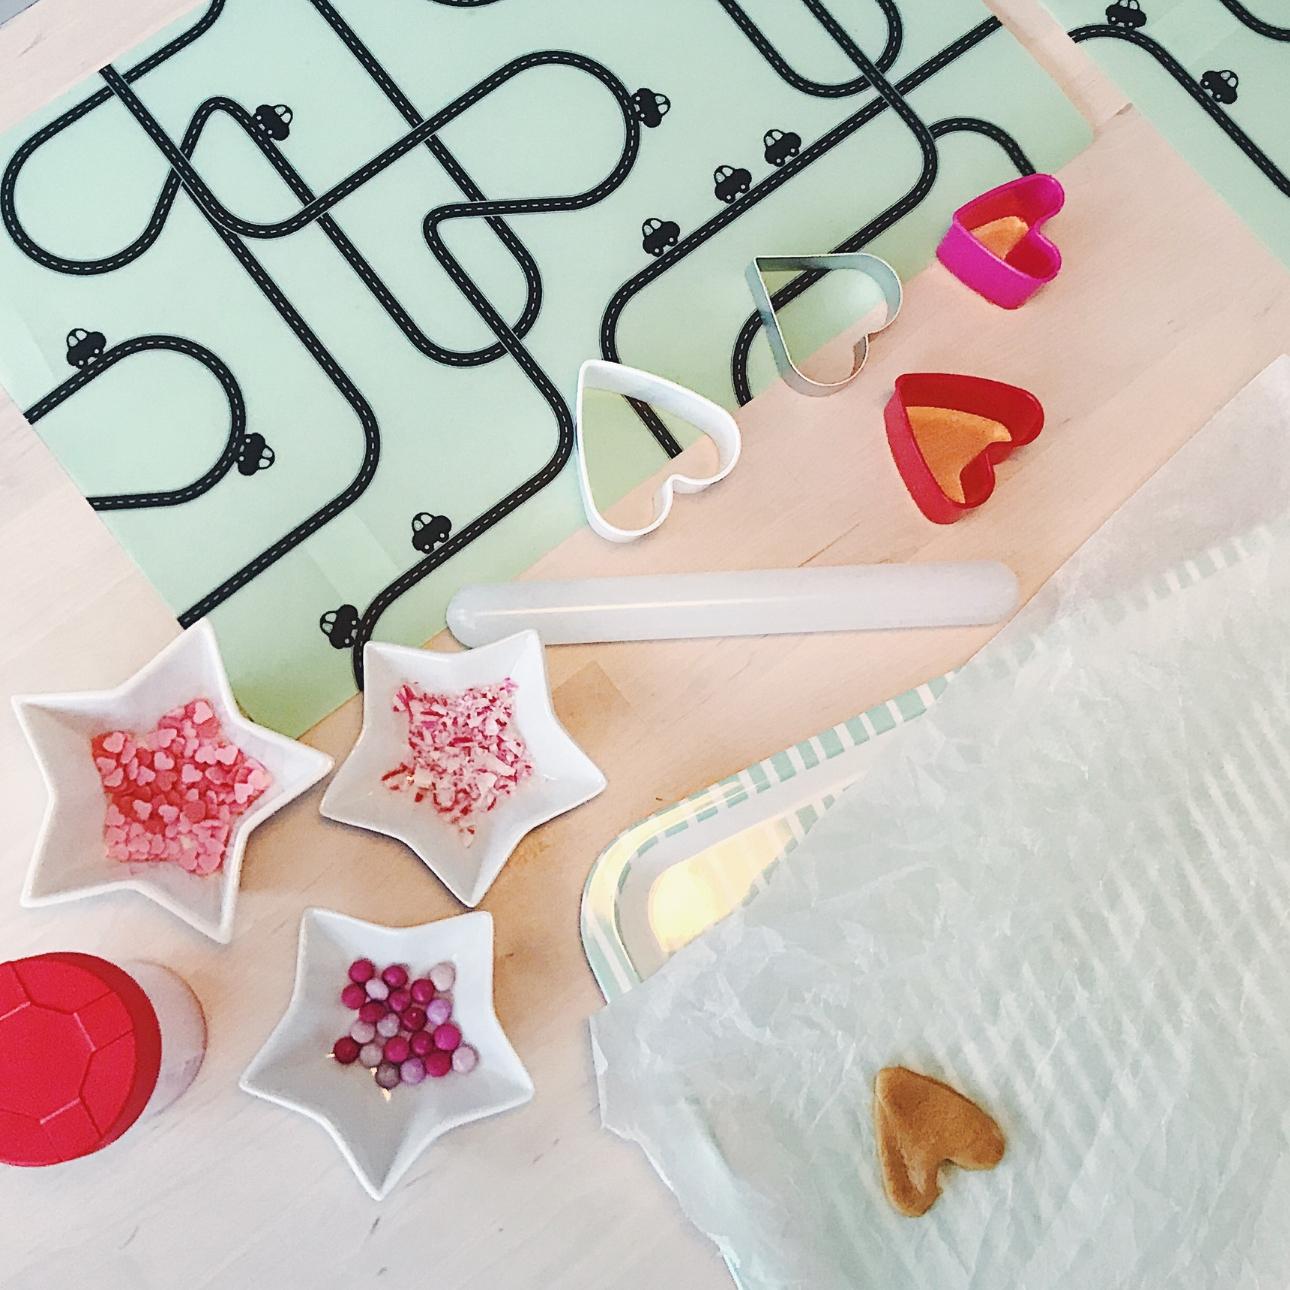 valentijnskoekjes maken sprinkles hartvormpjes